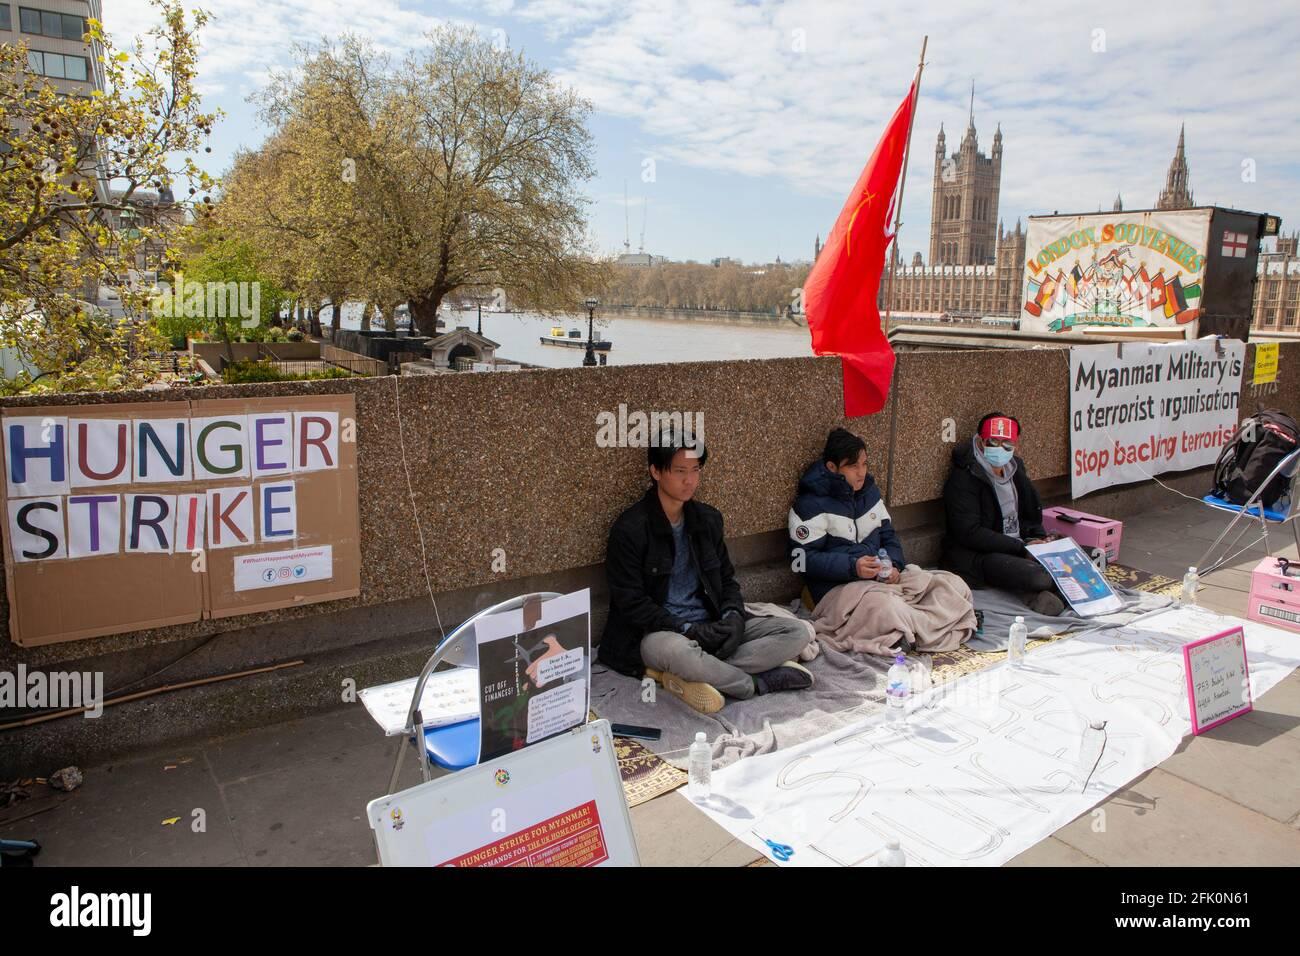 Londres, Royaume-Uni, 27 avril 2021 : les militants du pont de Westminster sont sur le 4ème jour d'une grève de la faim exigeant une action contre le gouvernement du Myanmar, où un coup d'État militaire a eu lieu et où des manifestants sont abattus et blessés. Anna Watson/Alay Live News Banque D'Images